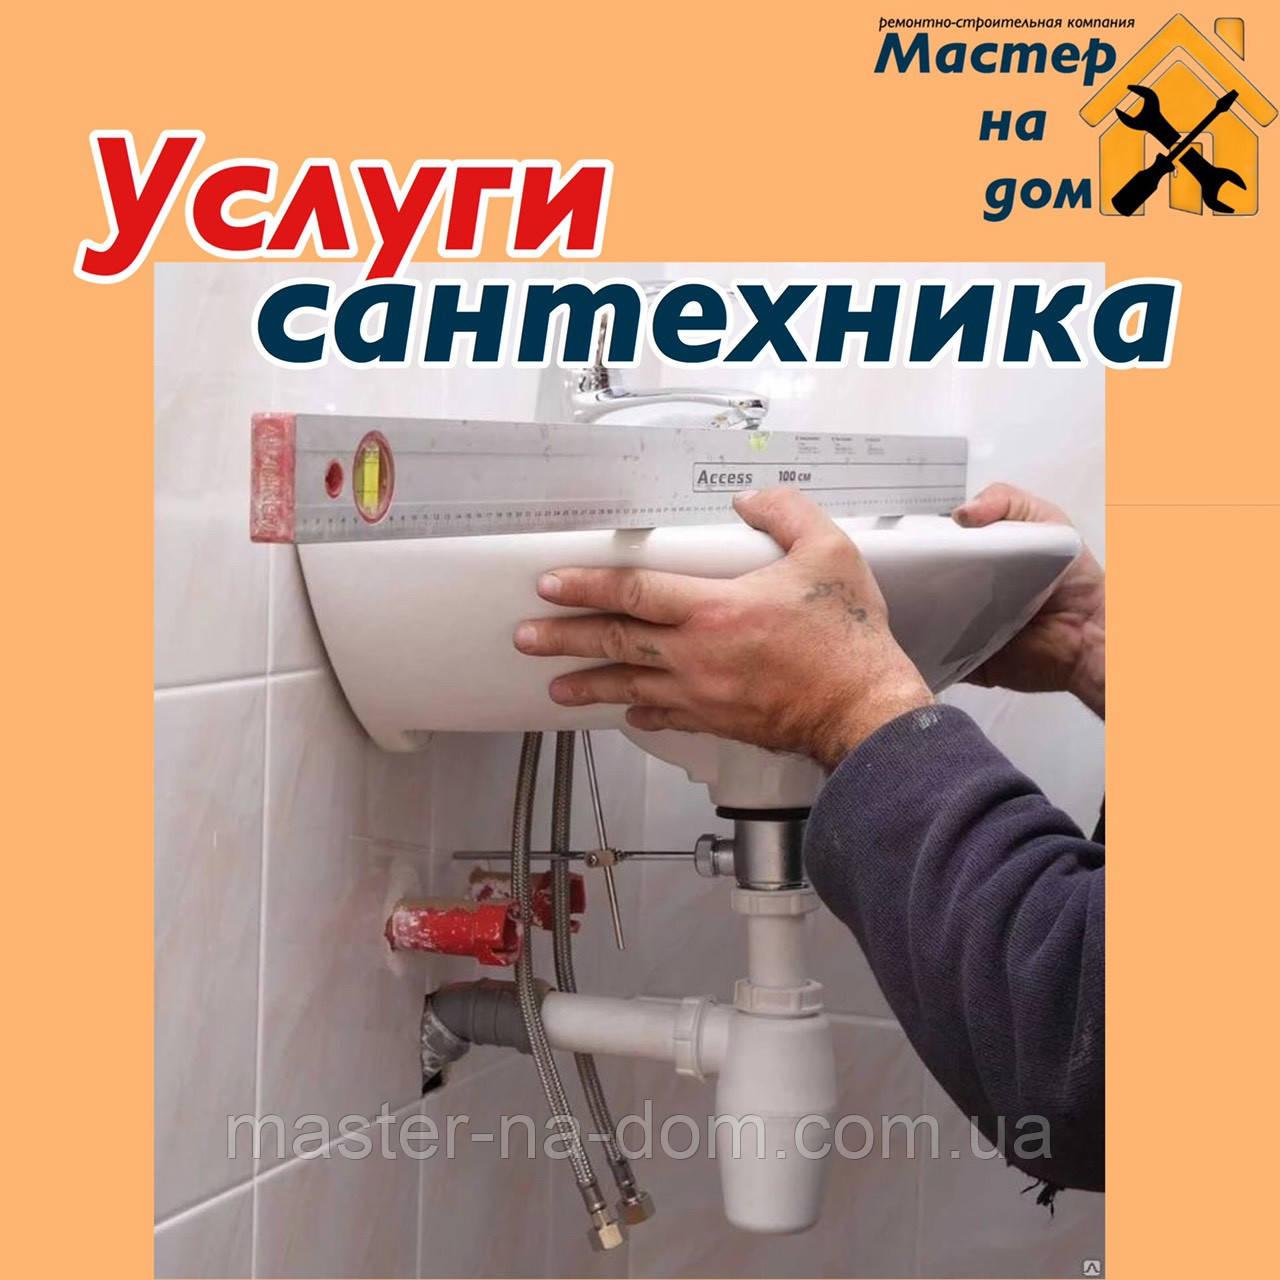 Послуги сантехніка в Ужгороді